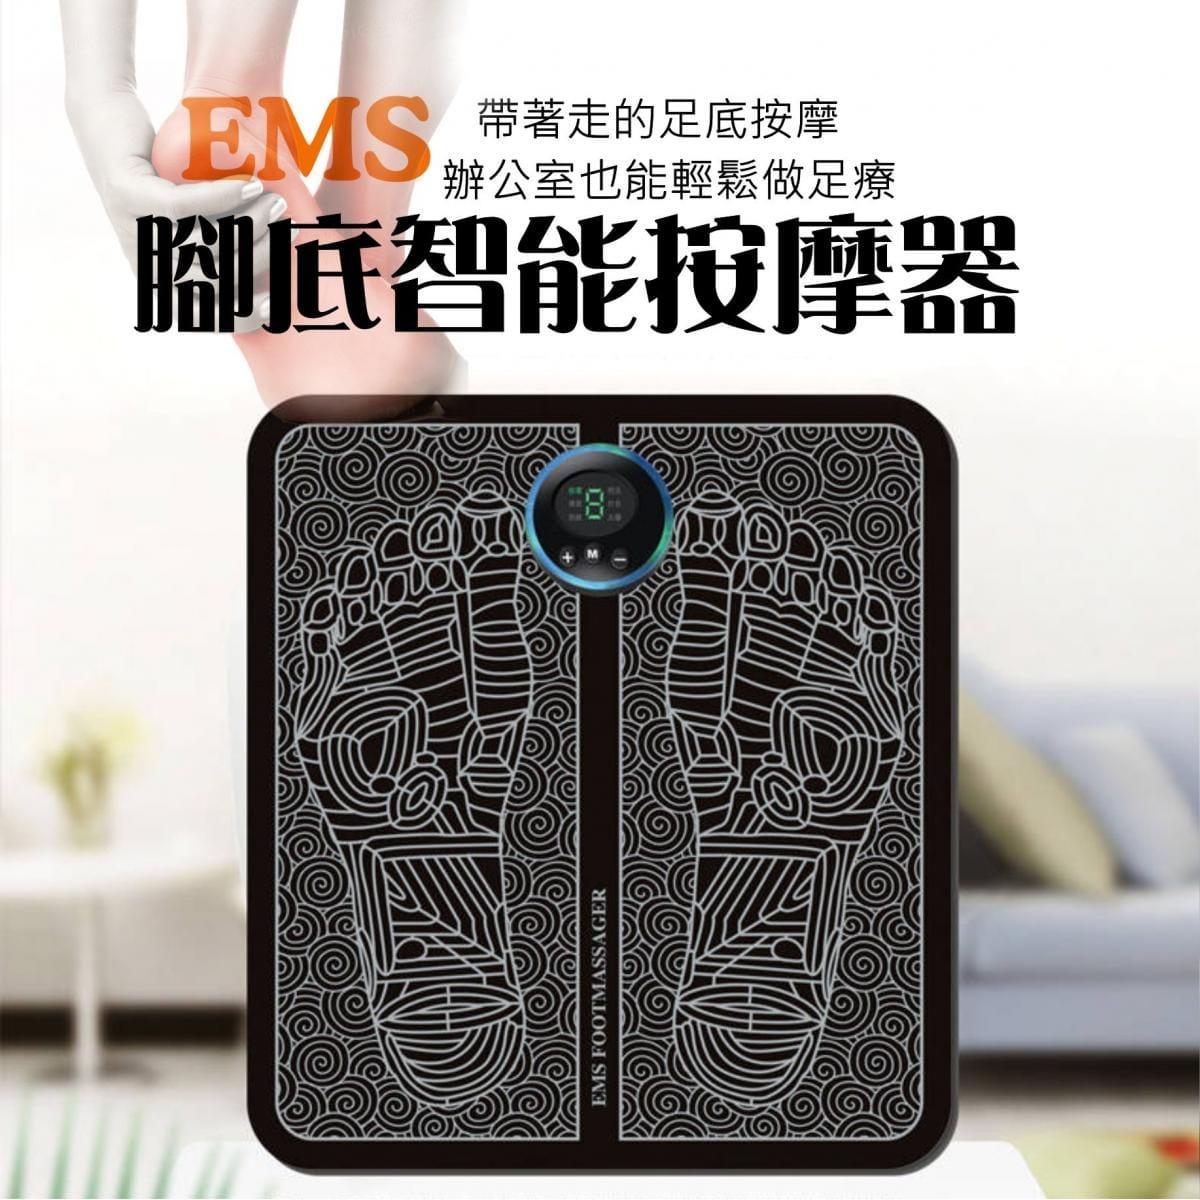 【創意SHOP】液晶顯示版 EMS腳底腿部按摩器